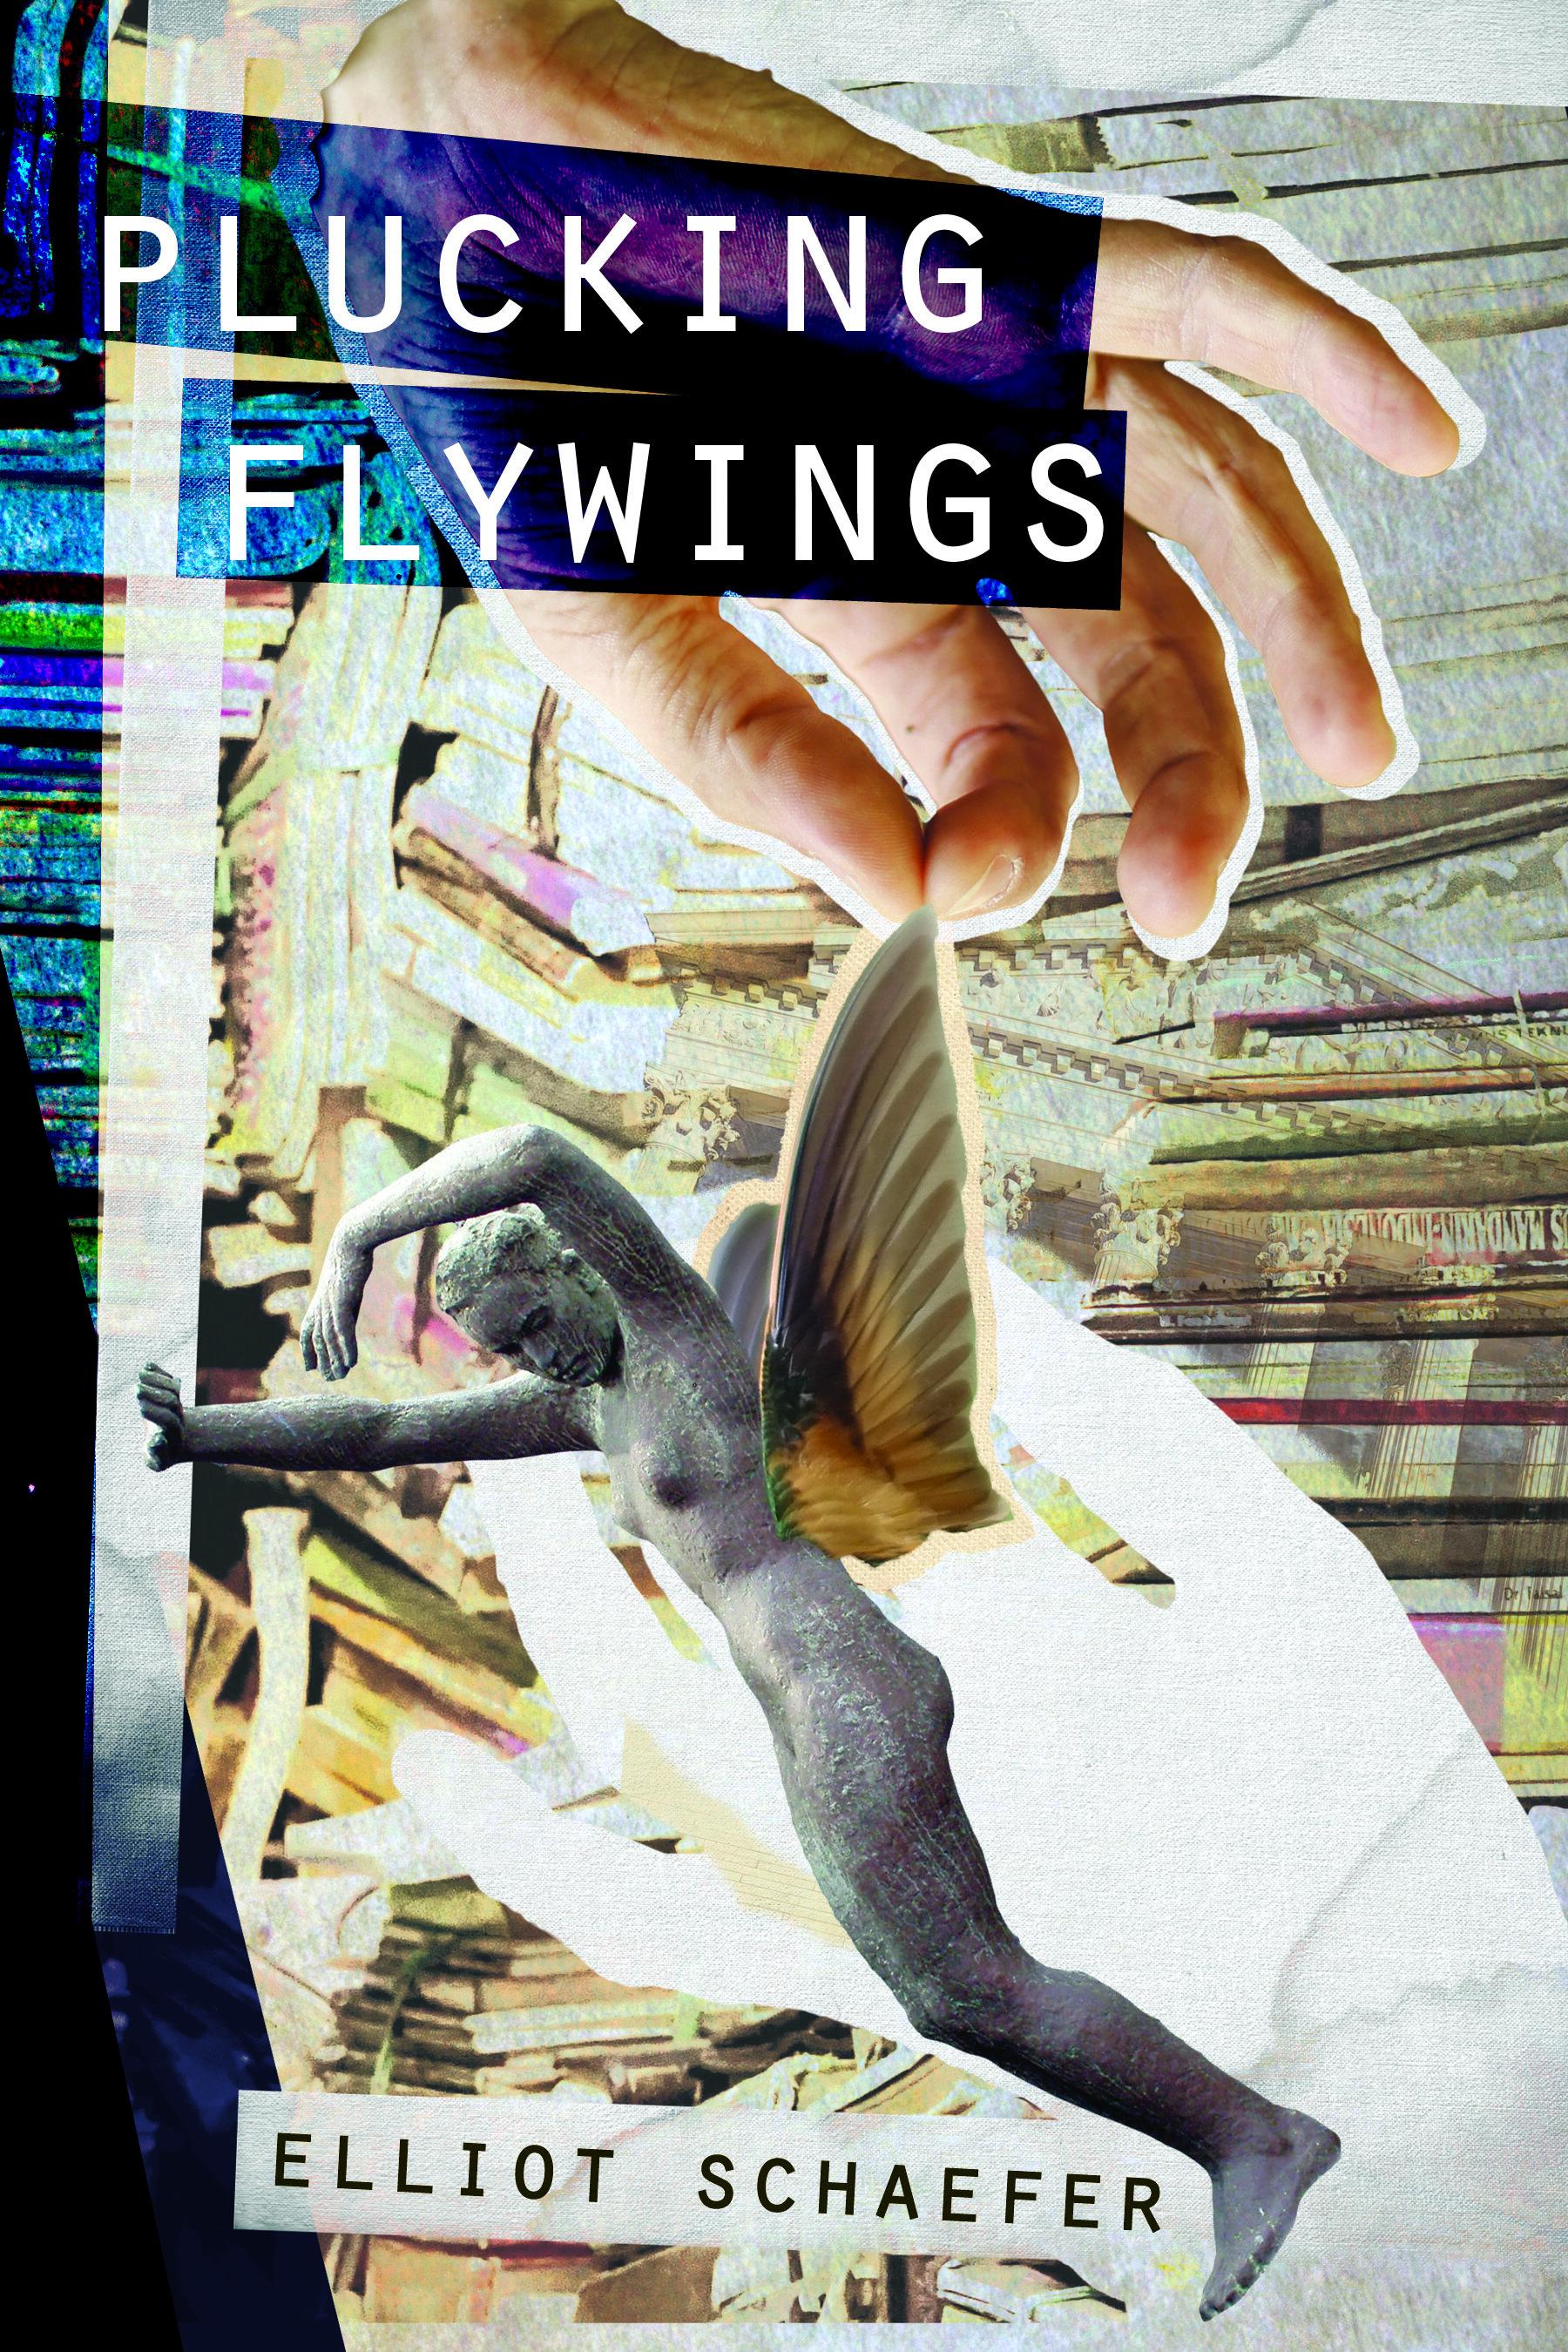 PluckingFlywings.jpg